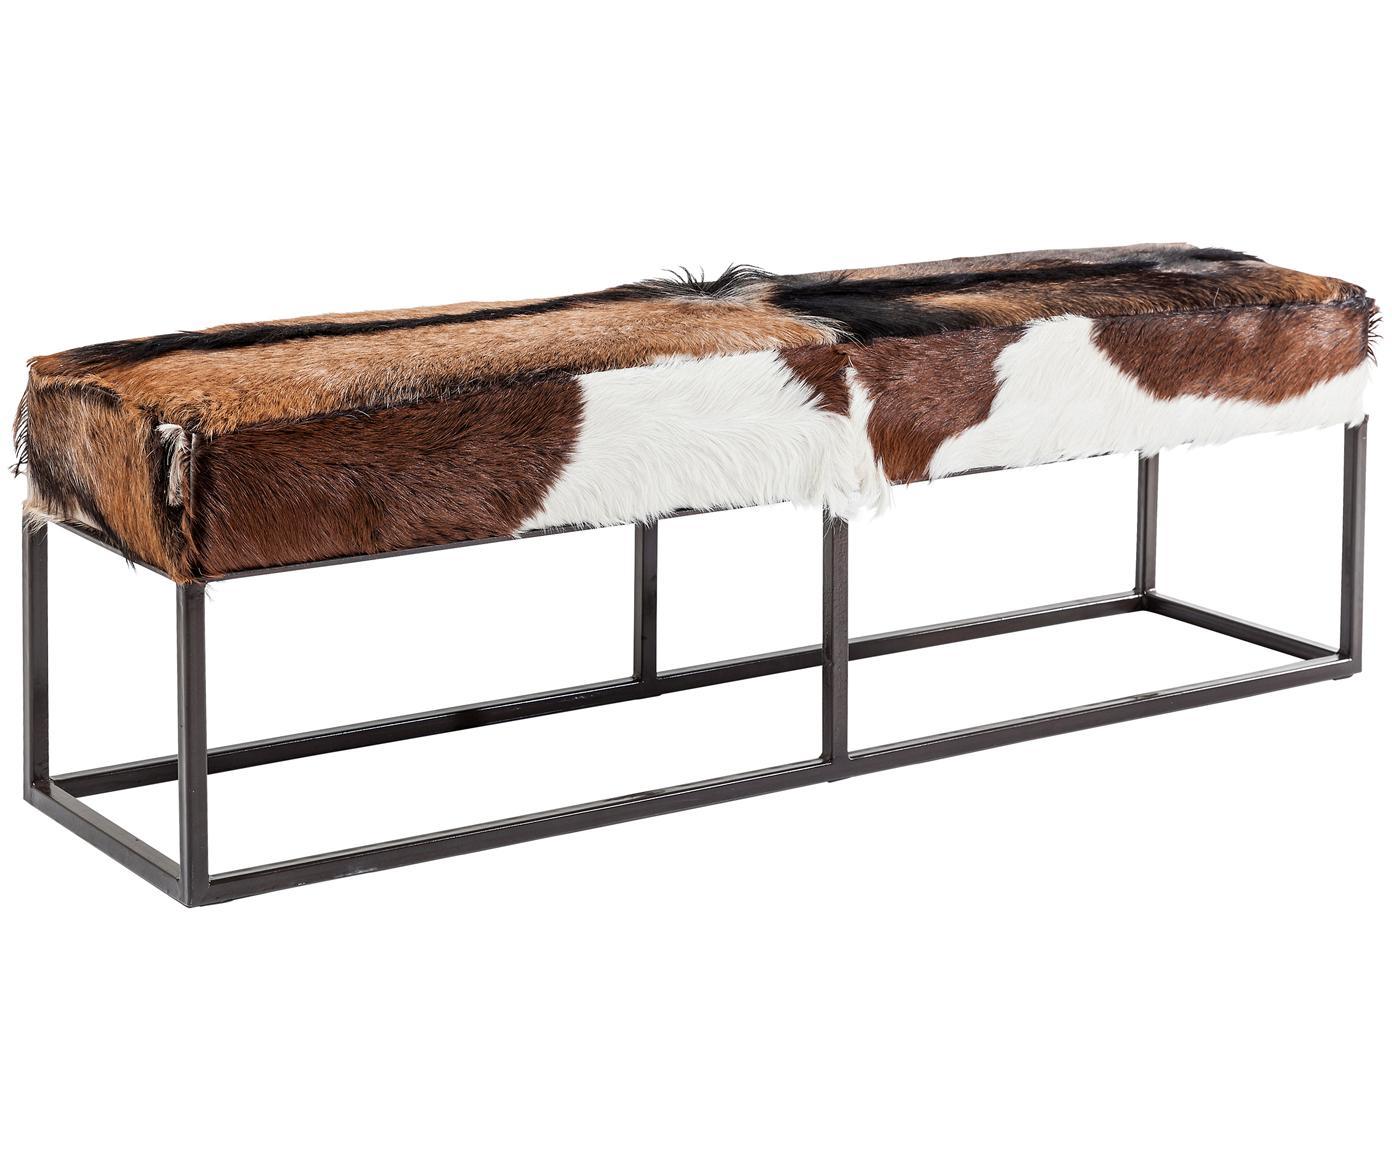 Banco de piel de cabra Country Life, Asiento: piel de cabra, Estructura: acero, pintado, Tonos marrones, negros y blanco, An 140 x Al 47 cm